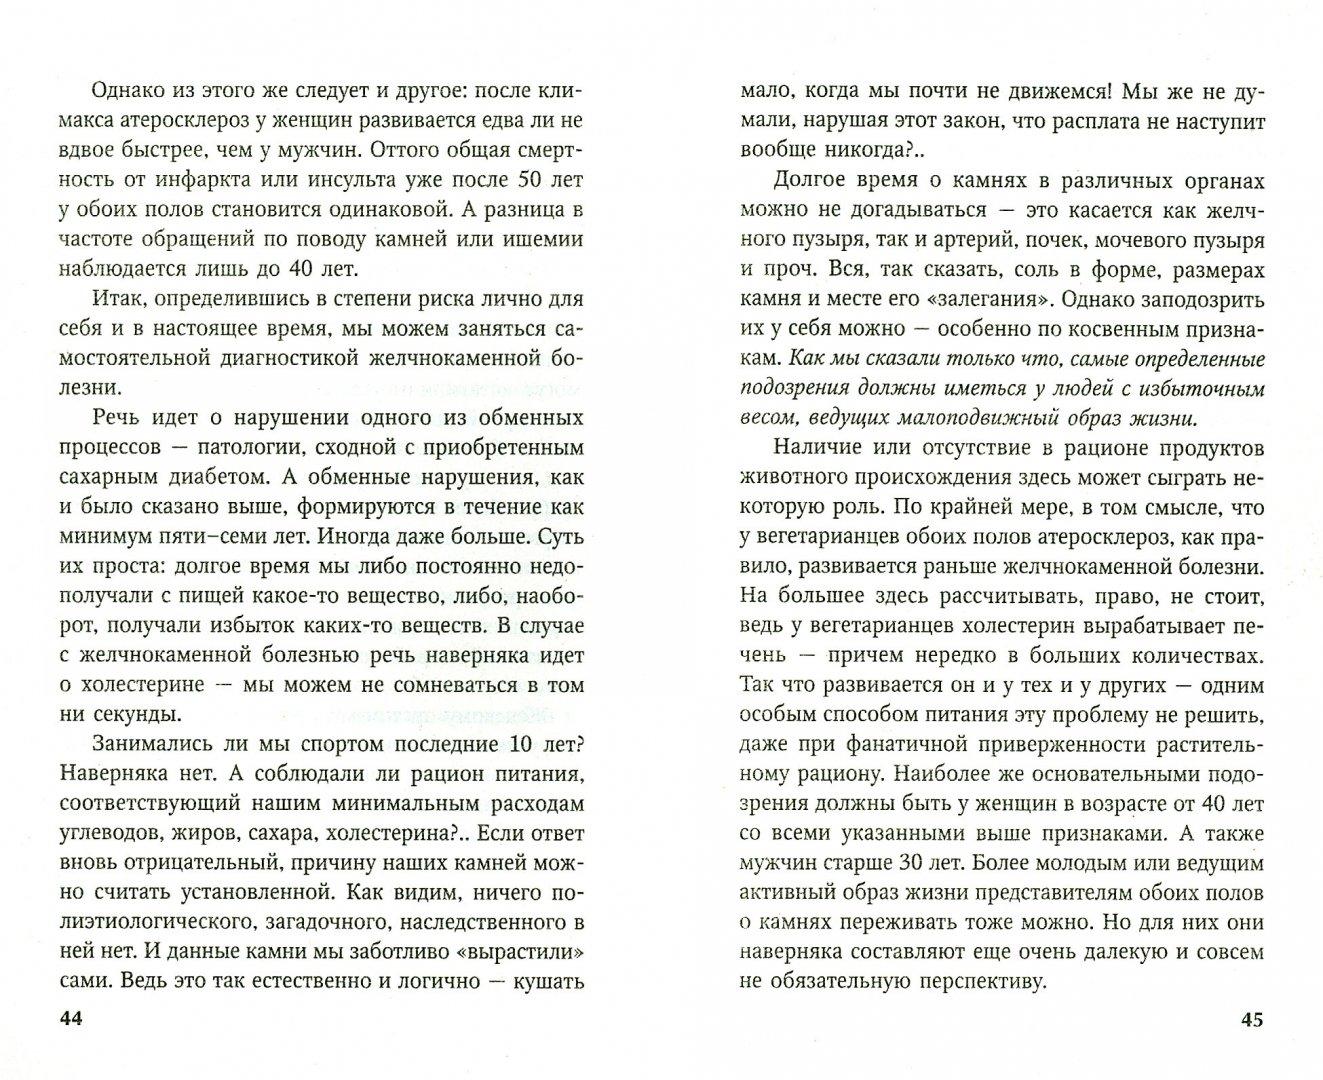 Иллюстрация 1 из 16 для Самое важное о камнях в почках, мочевом пузыре, желчнокаменной болезни - Анна Васильева | Лабиринт - книги. Источник: Лабиринт